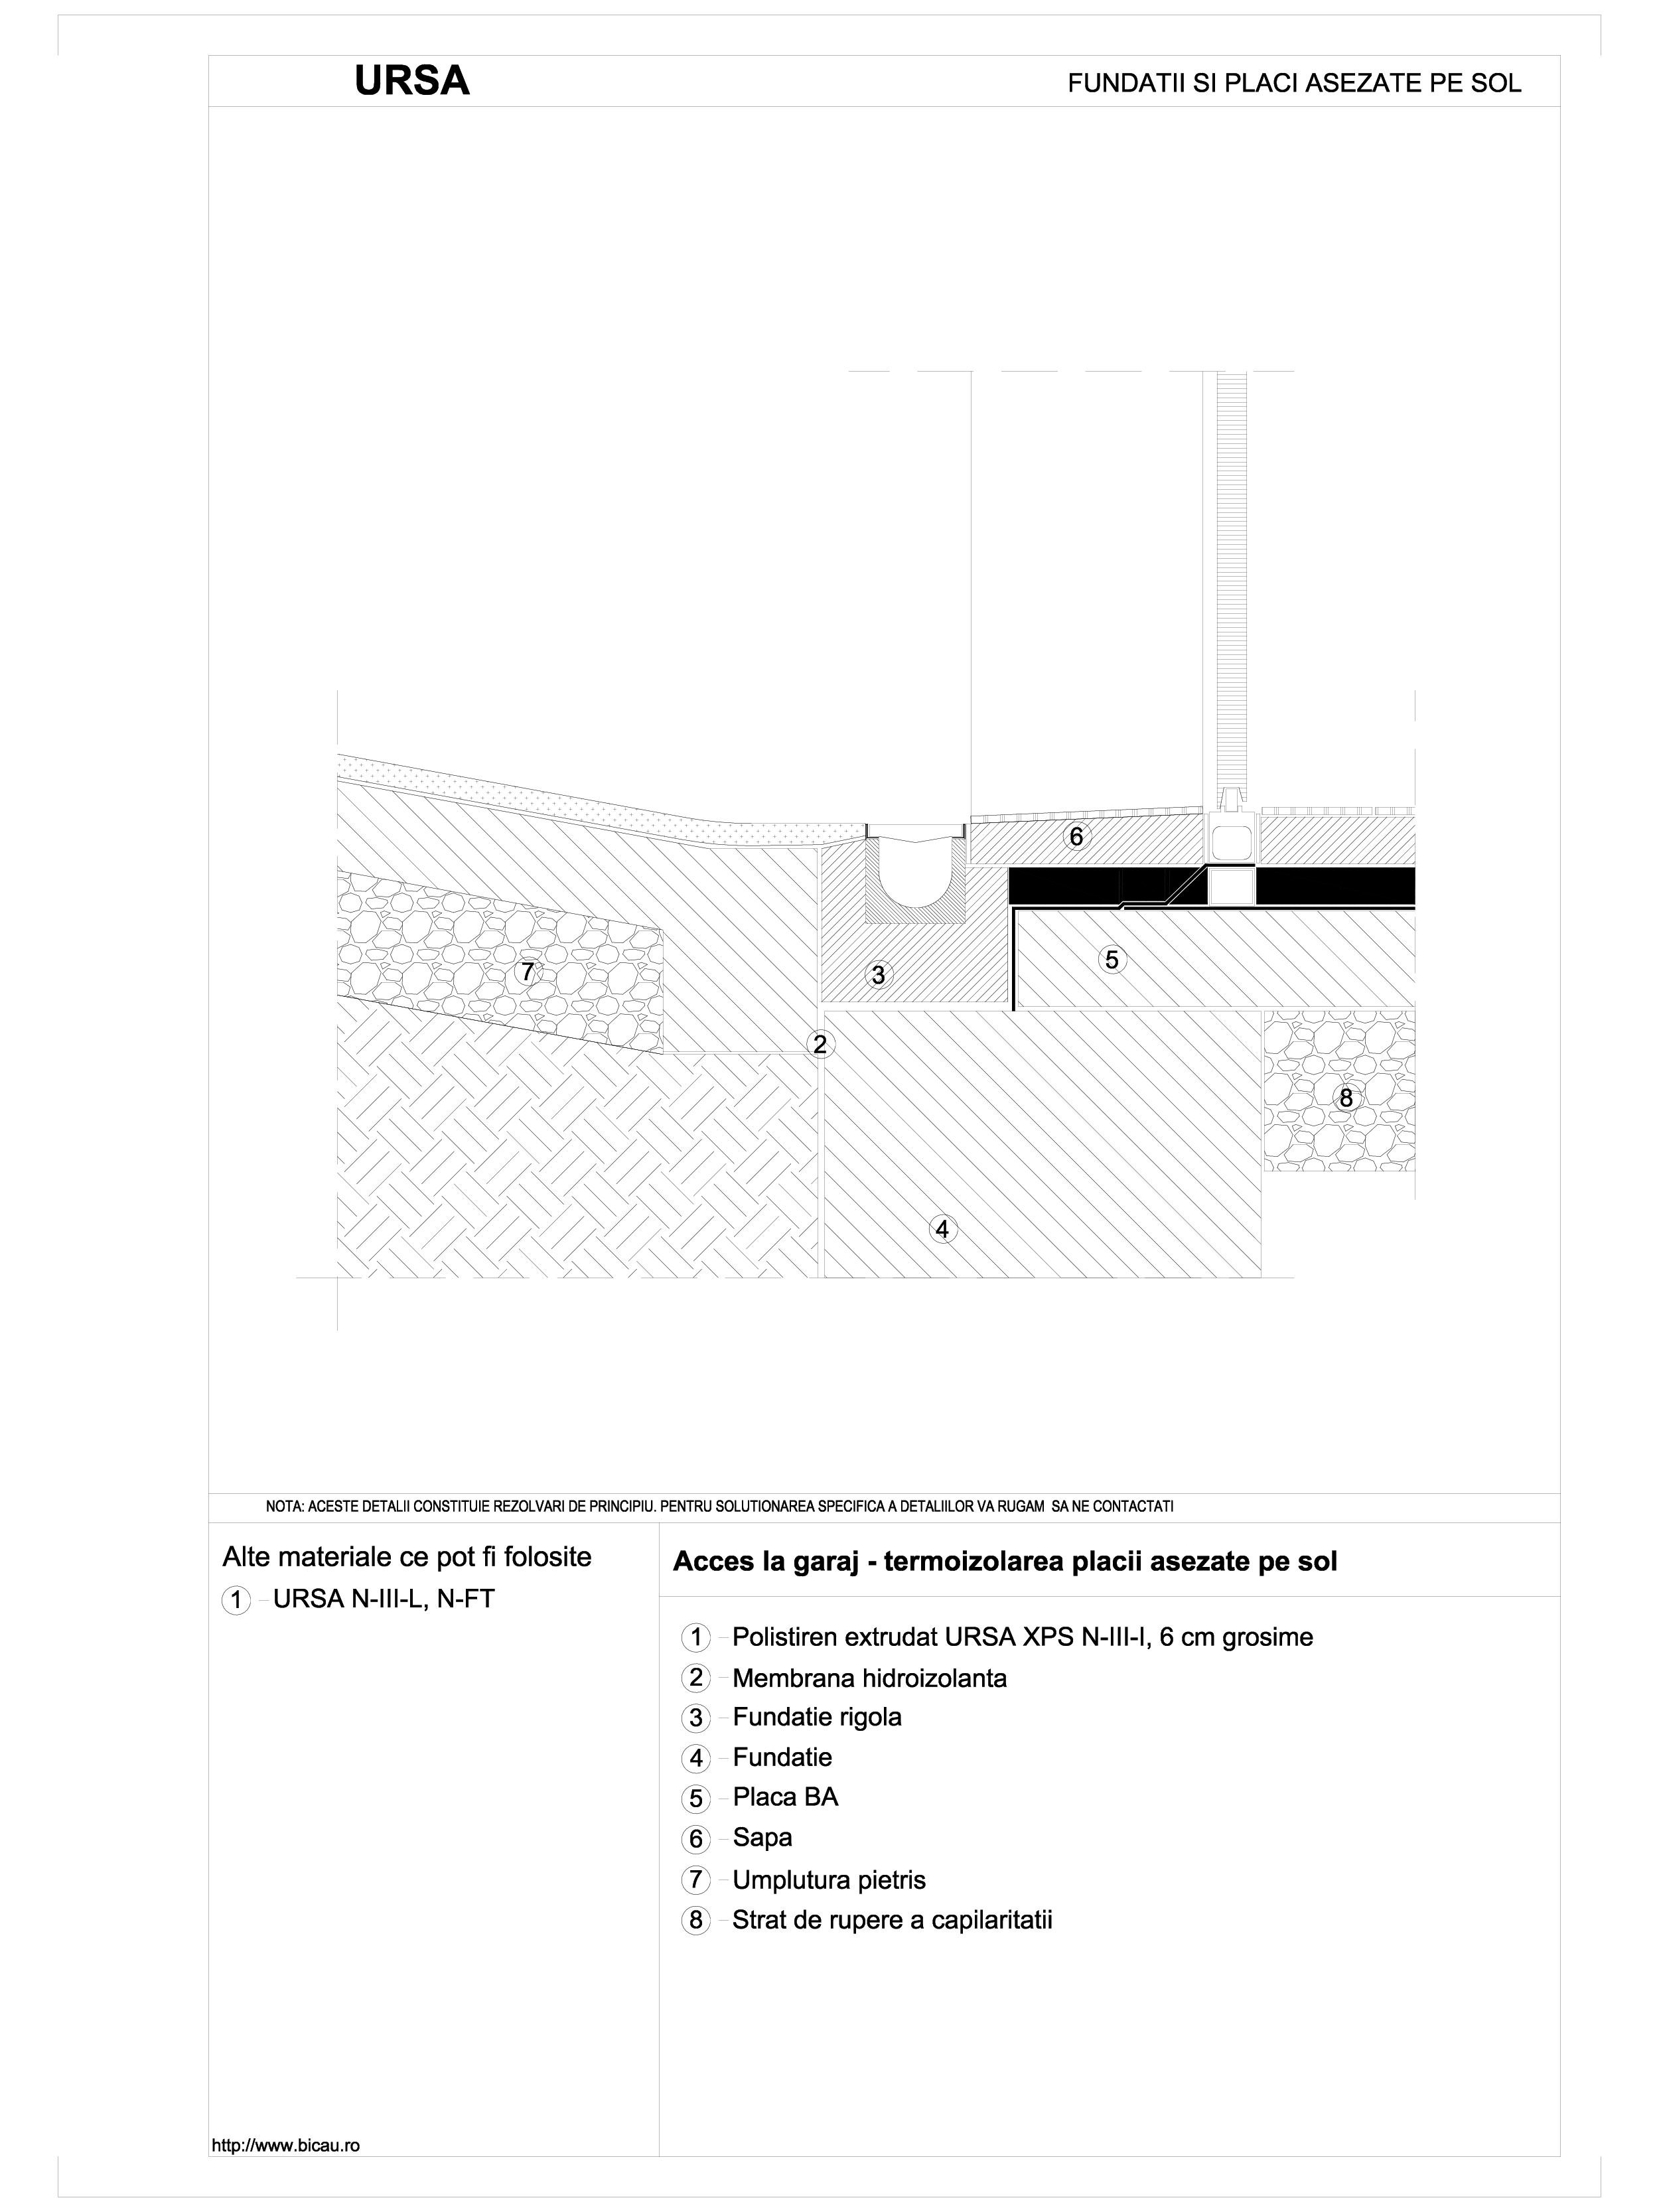 Acces la garaj - termoizolarea placii asezate pe sol URSA Vata minerala de sticla pentru fatade ventilate URSA ROMANIA   - Pagina 1